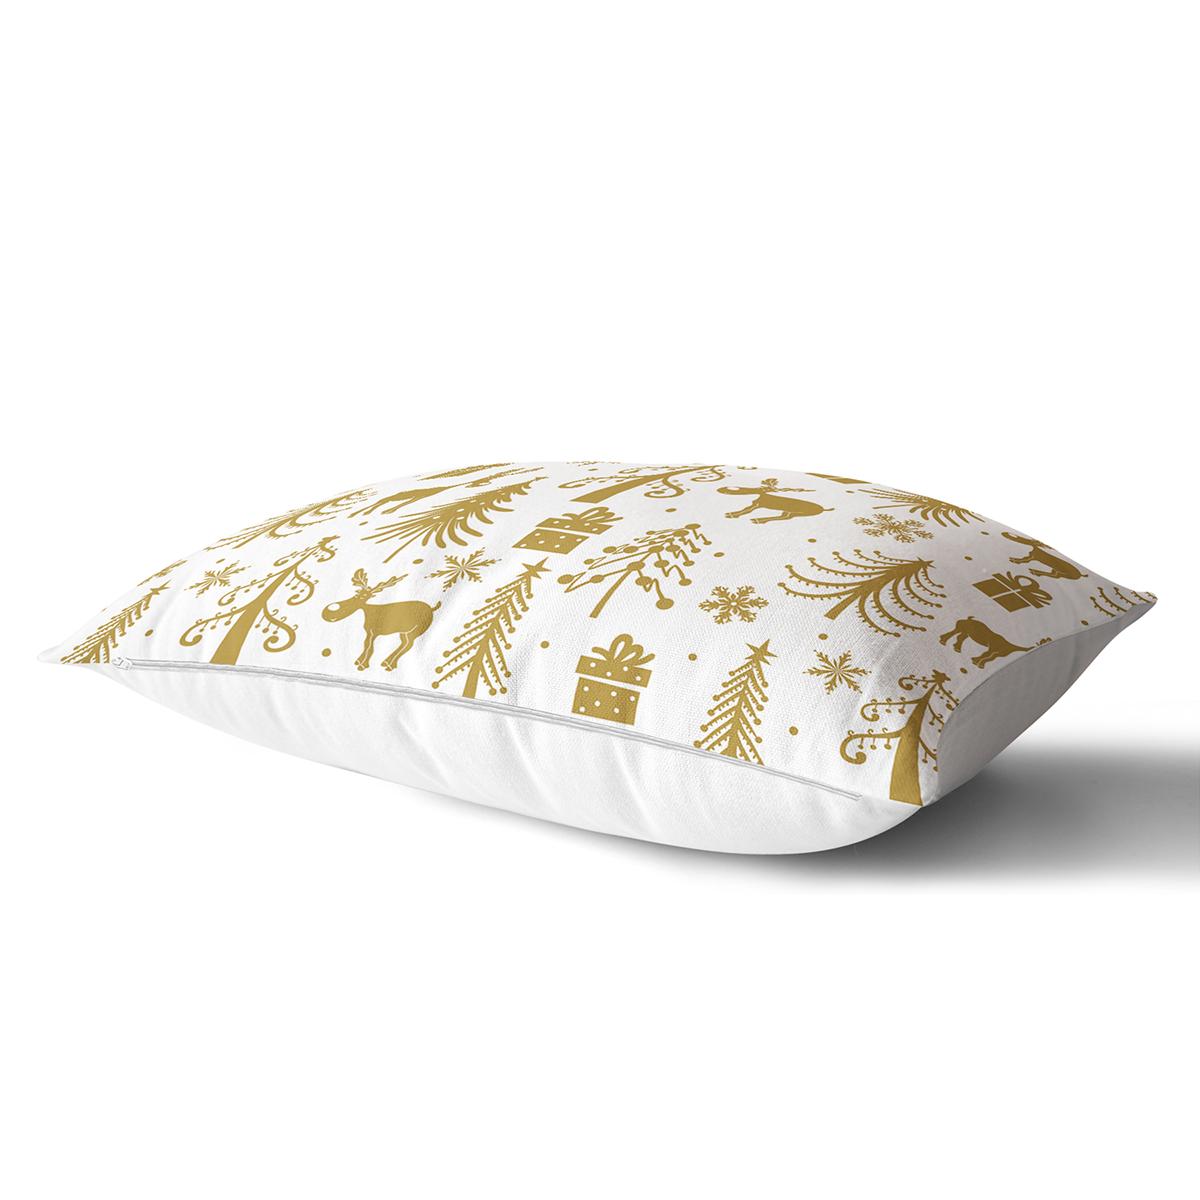 Beyaz Zemin Üzerinde Gold Renkli Yılbaşı Temalı Modern Dikdörtgen Yastık Kırlent Kılıfı Realhomes